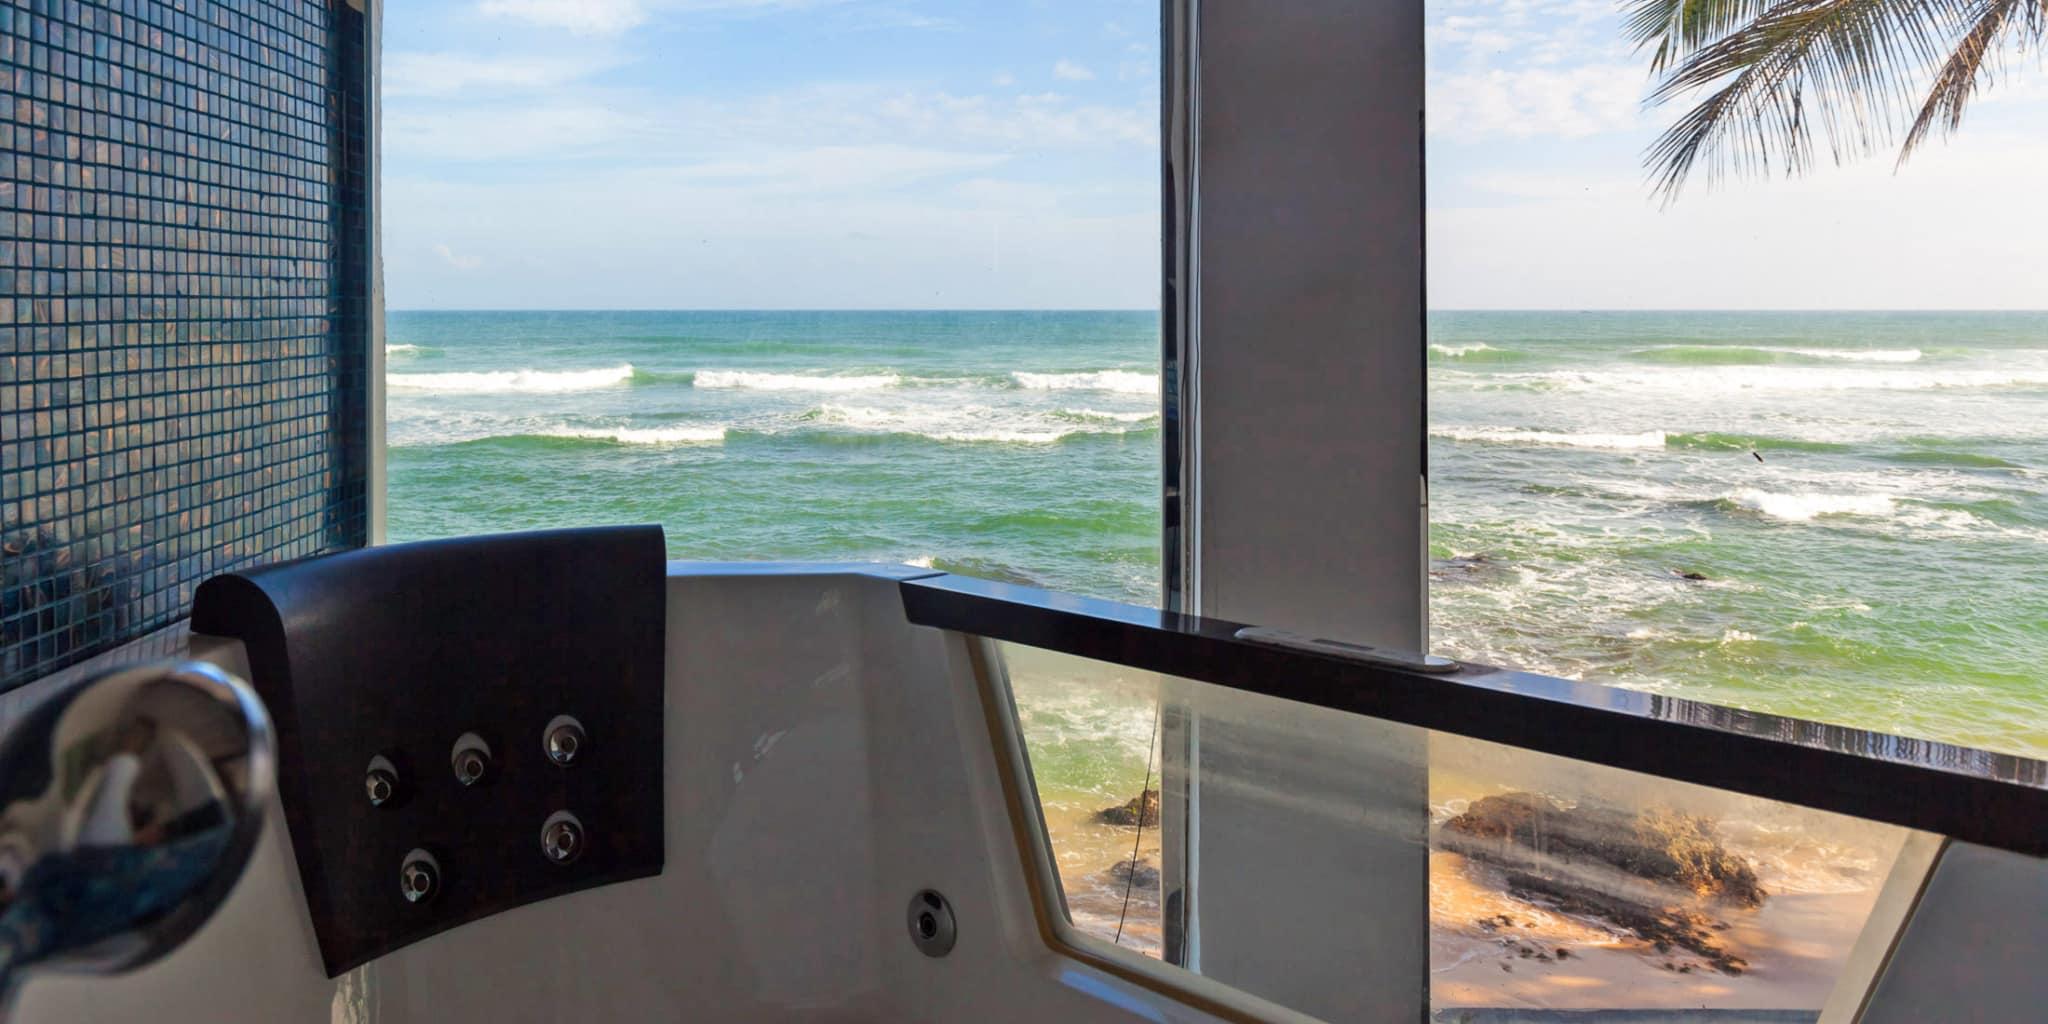 Canteloupe Aqua Sri Lanka Best Hotels